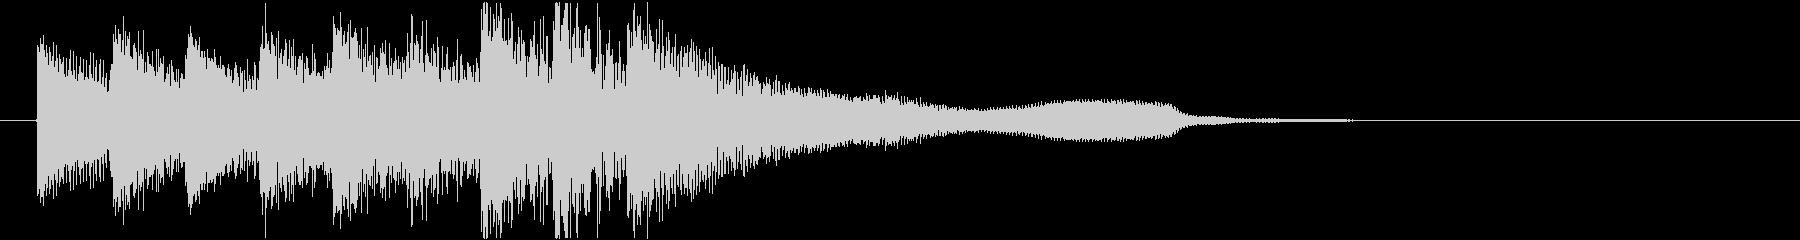 ピアノジングル/朝/発見/夜明け/企業の未再生の波形